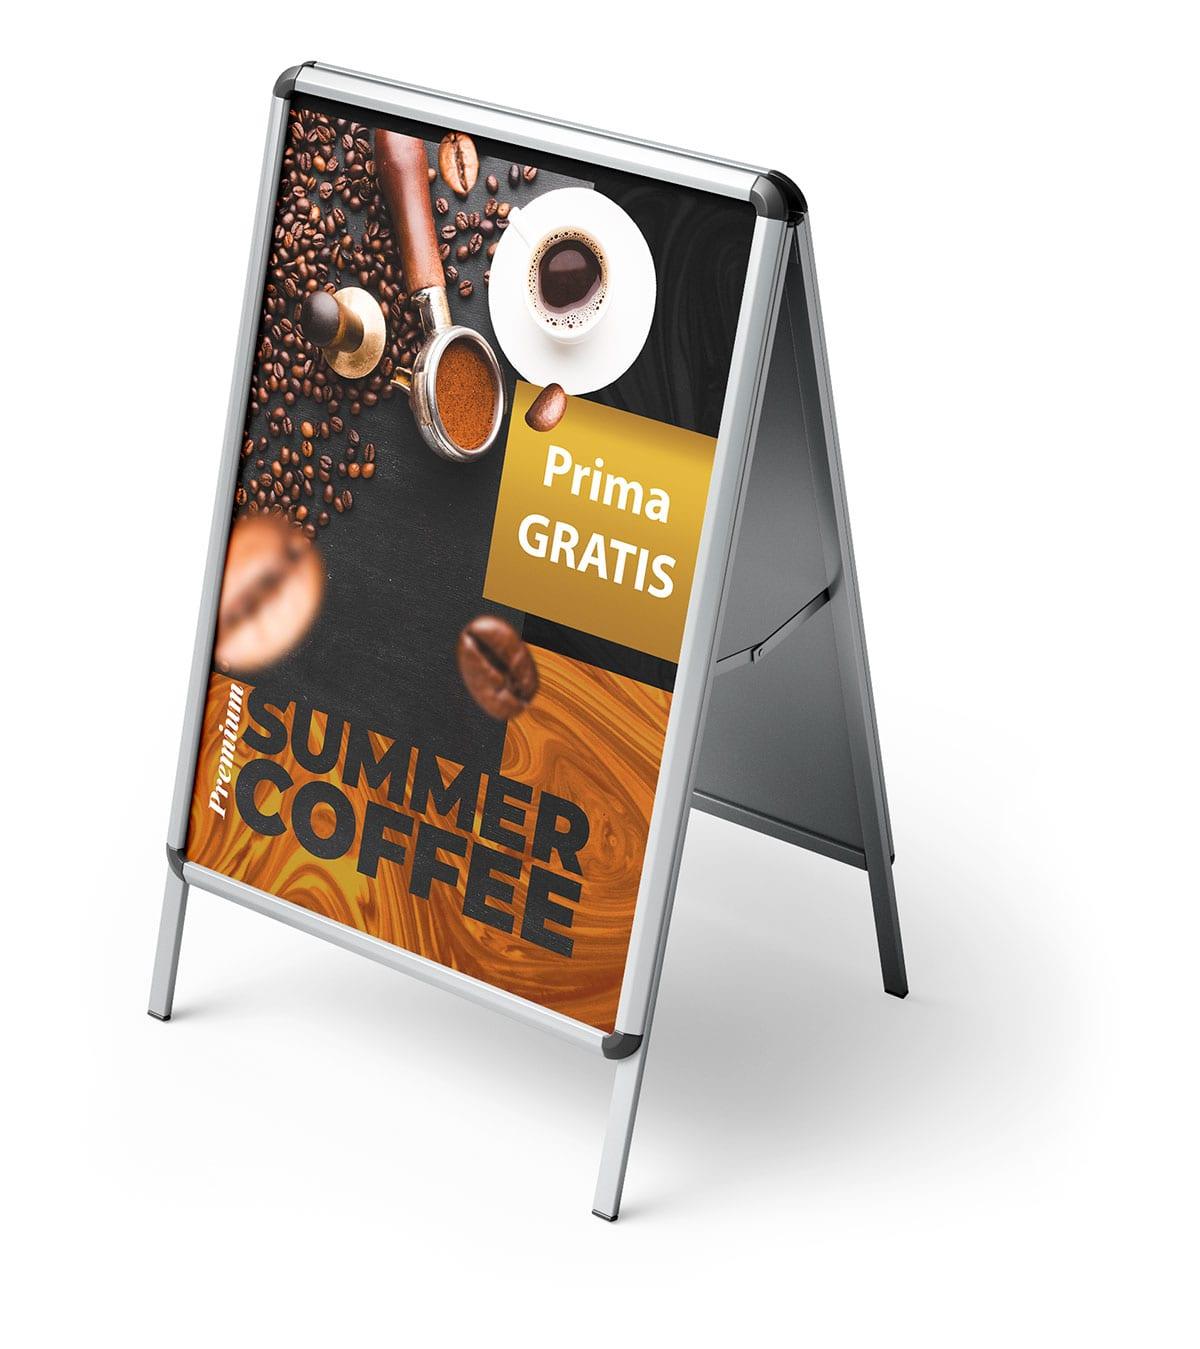 People stopper-ul este recomandat pentru promovarea ofertelor și noutăților în orice spațiu public, restaurante, hoteluri, baruri, terase etc.